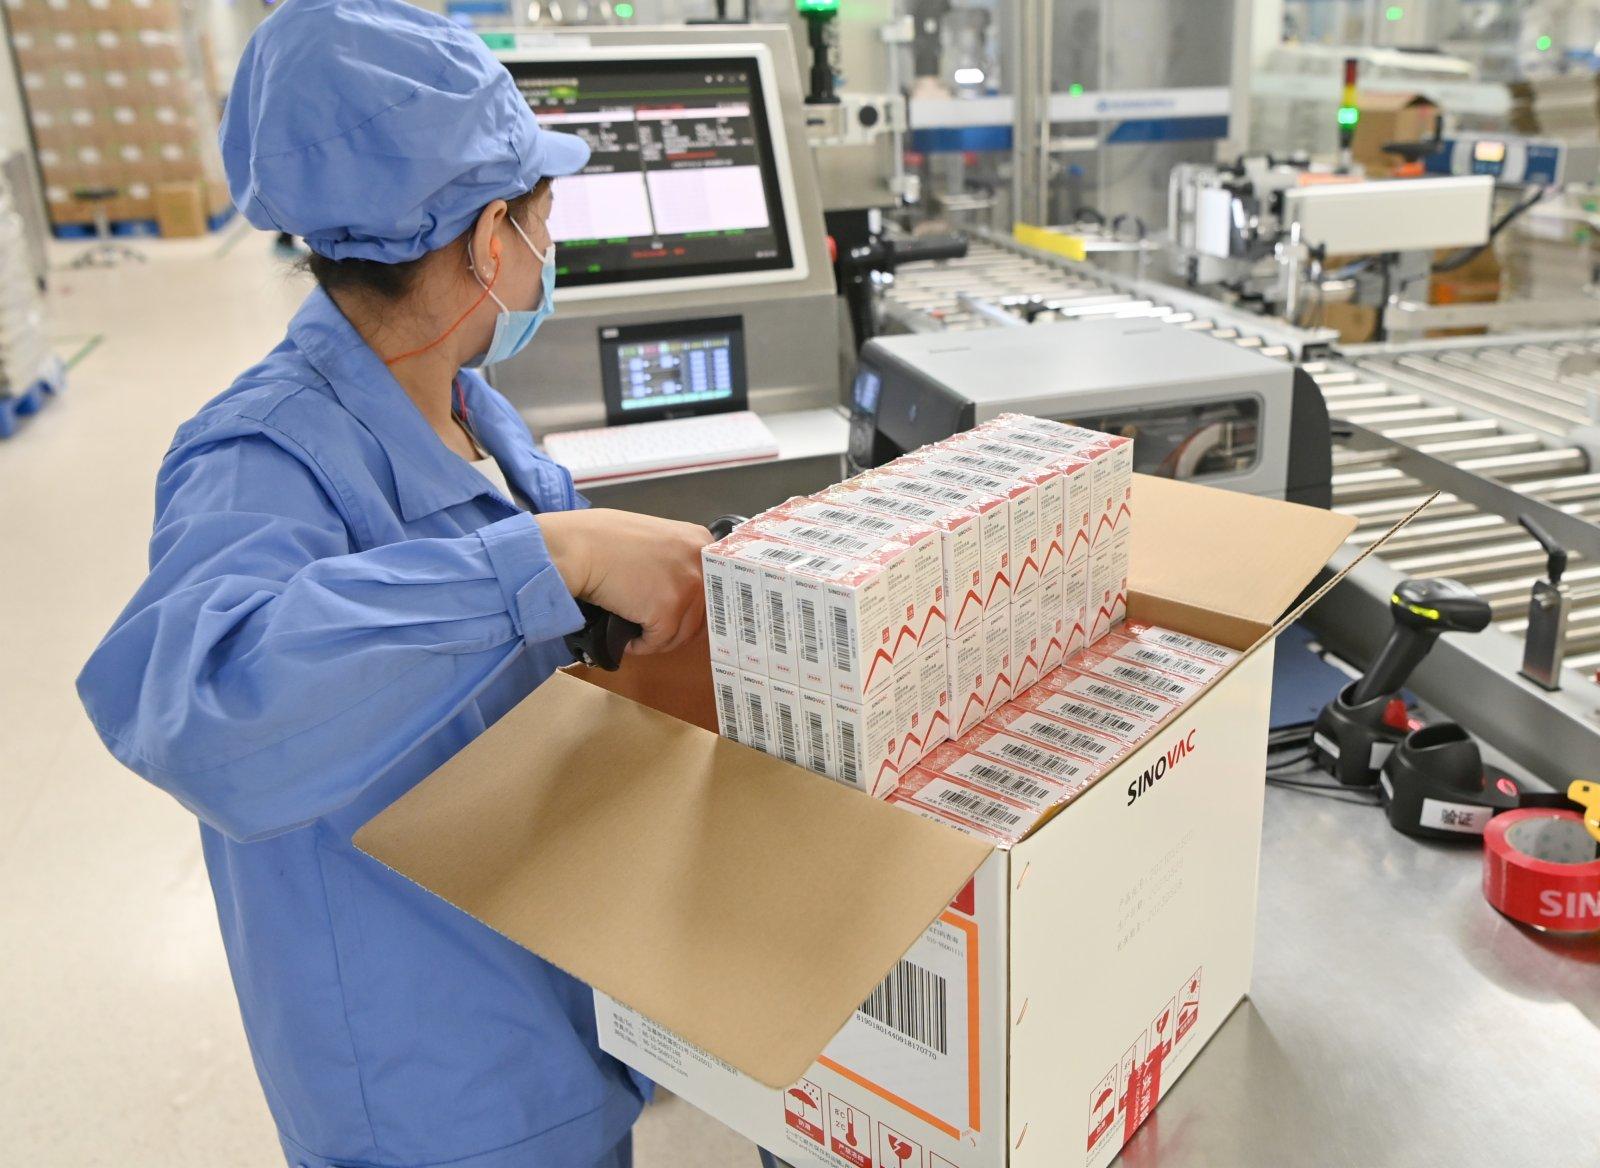 日內瓦當地時間6月1日,世界衞生組織宣布,由中國北京科興中維生物技術有限公司研發的新冠滅活疫苗「克爾來福」正式通過世衞組織緊急使用認證。圖為北京時間6月1日,位於北京市大興區的北京科興中維生物技術有限公司內,工人在新冠滅活疫苗包裝生產線上進行開箱登記掃描作業。(中新社)